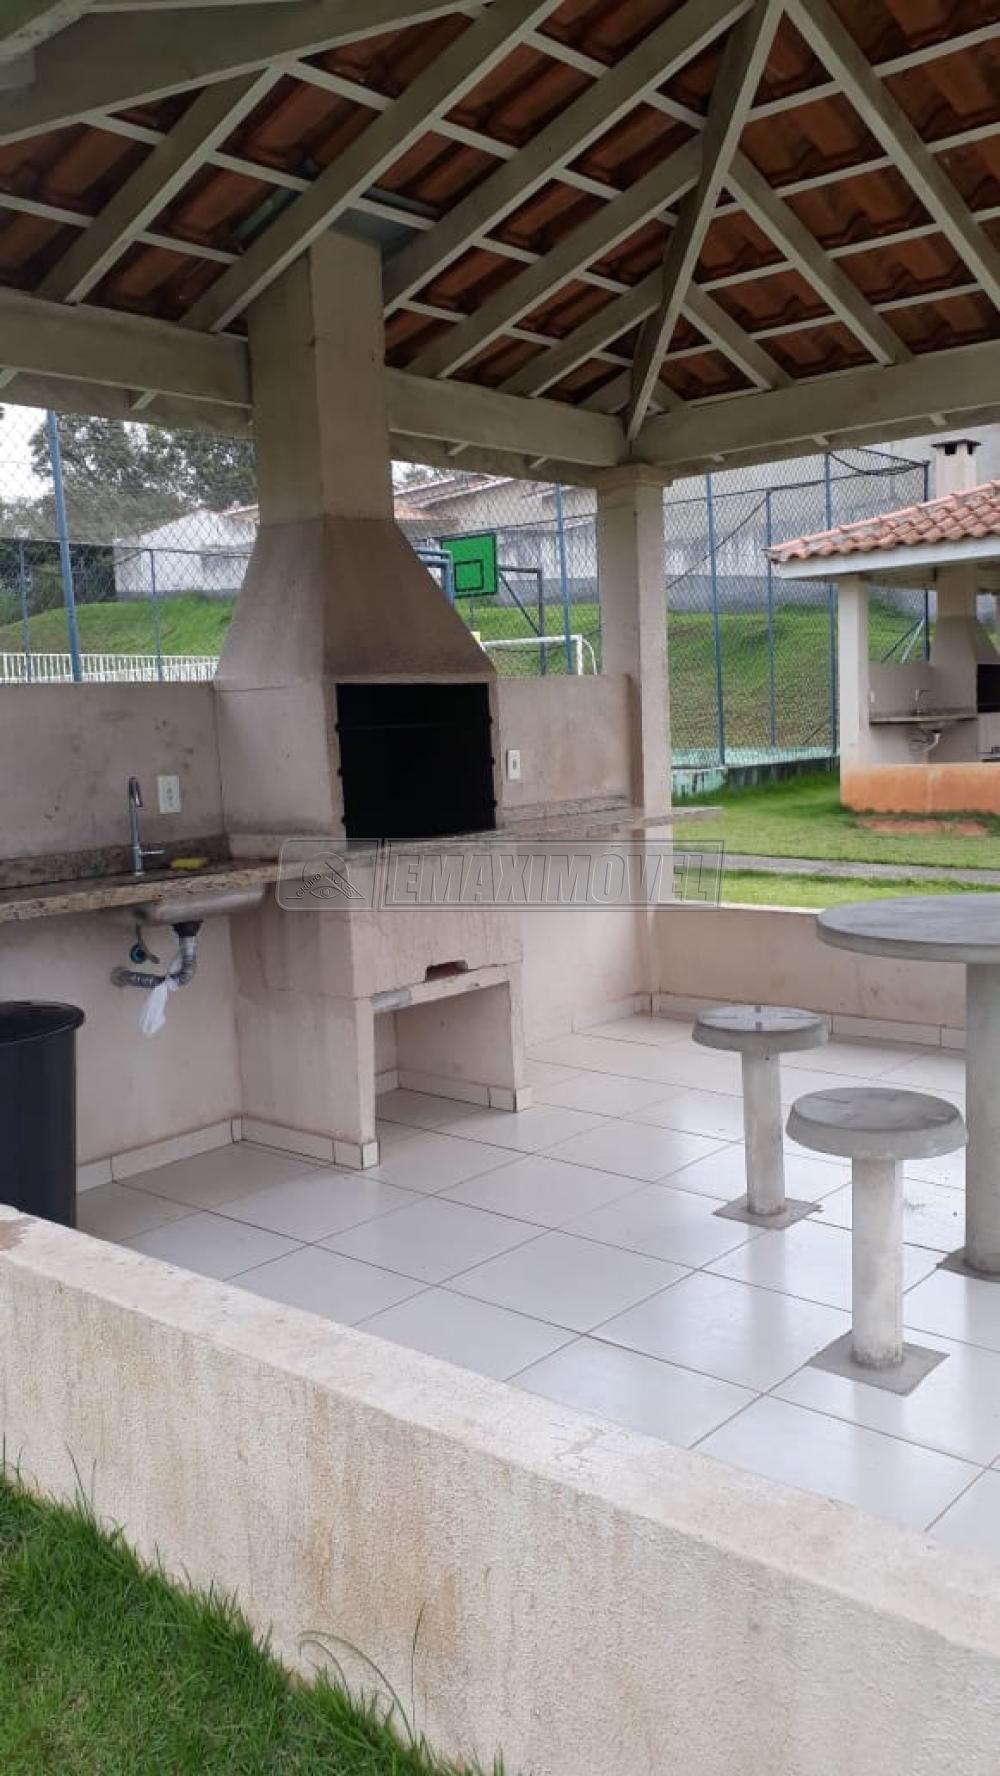 Comprar Casa / em Condomínios em Sorocaba R$ 270.000,00 - Foto 16